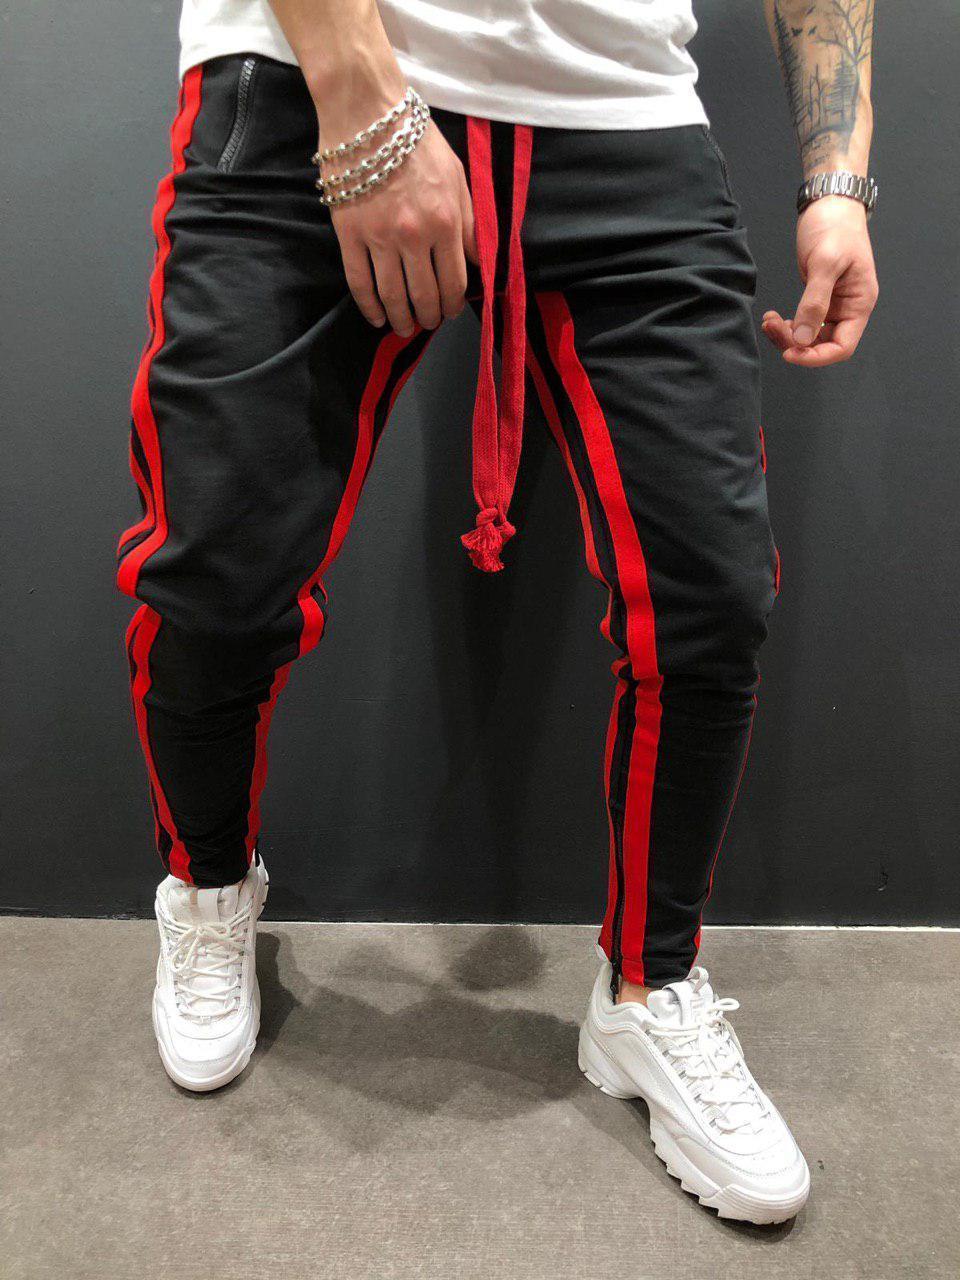 Мужские брюки для отдыха, бодибилдинга, с разрезом, на молнии, для ног, для движения, брюки для бега, спортивные штаны - Цвет: Black red